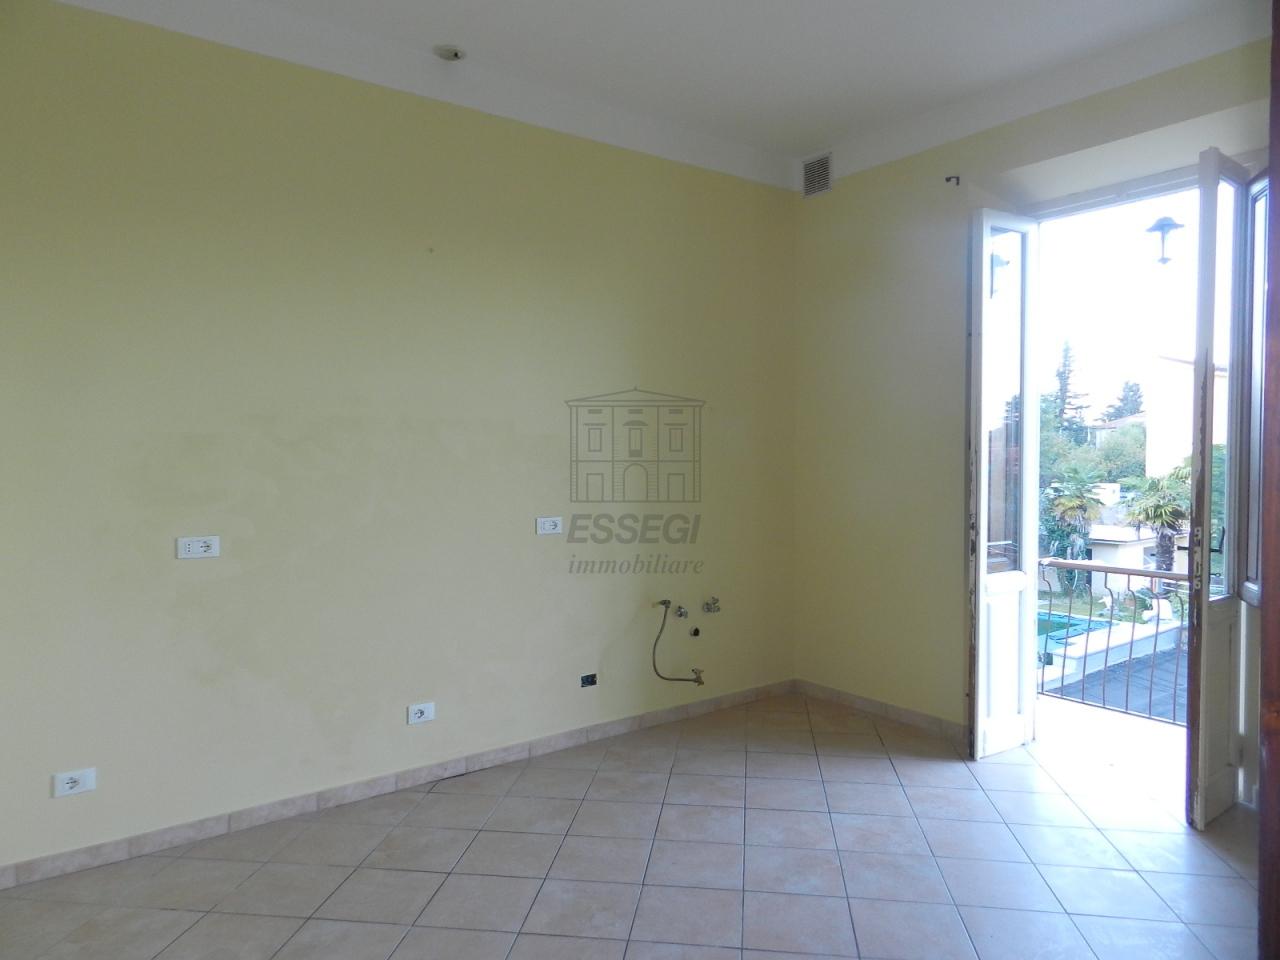 Villa in vendita a Lucca, 8 locali, prezzo € 410.000 | Cambio Casa.it